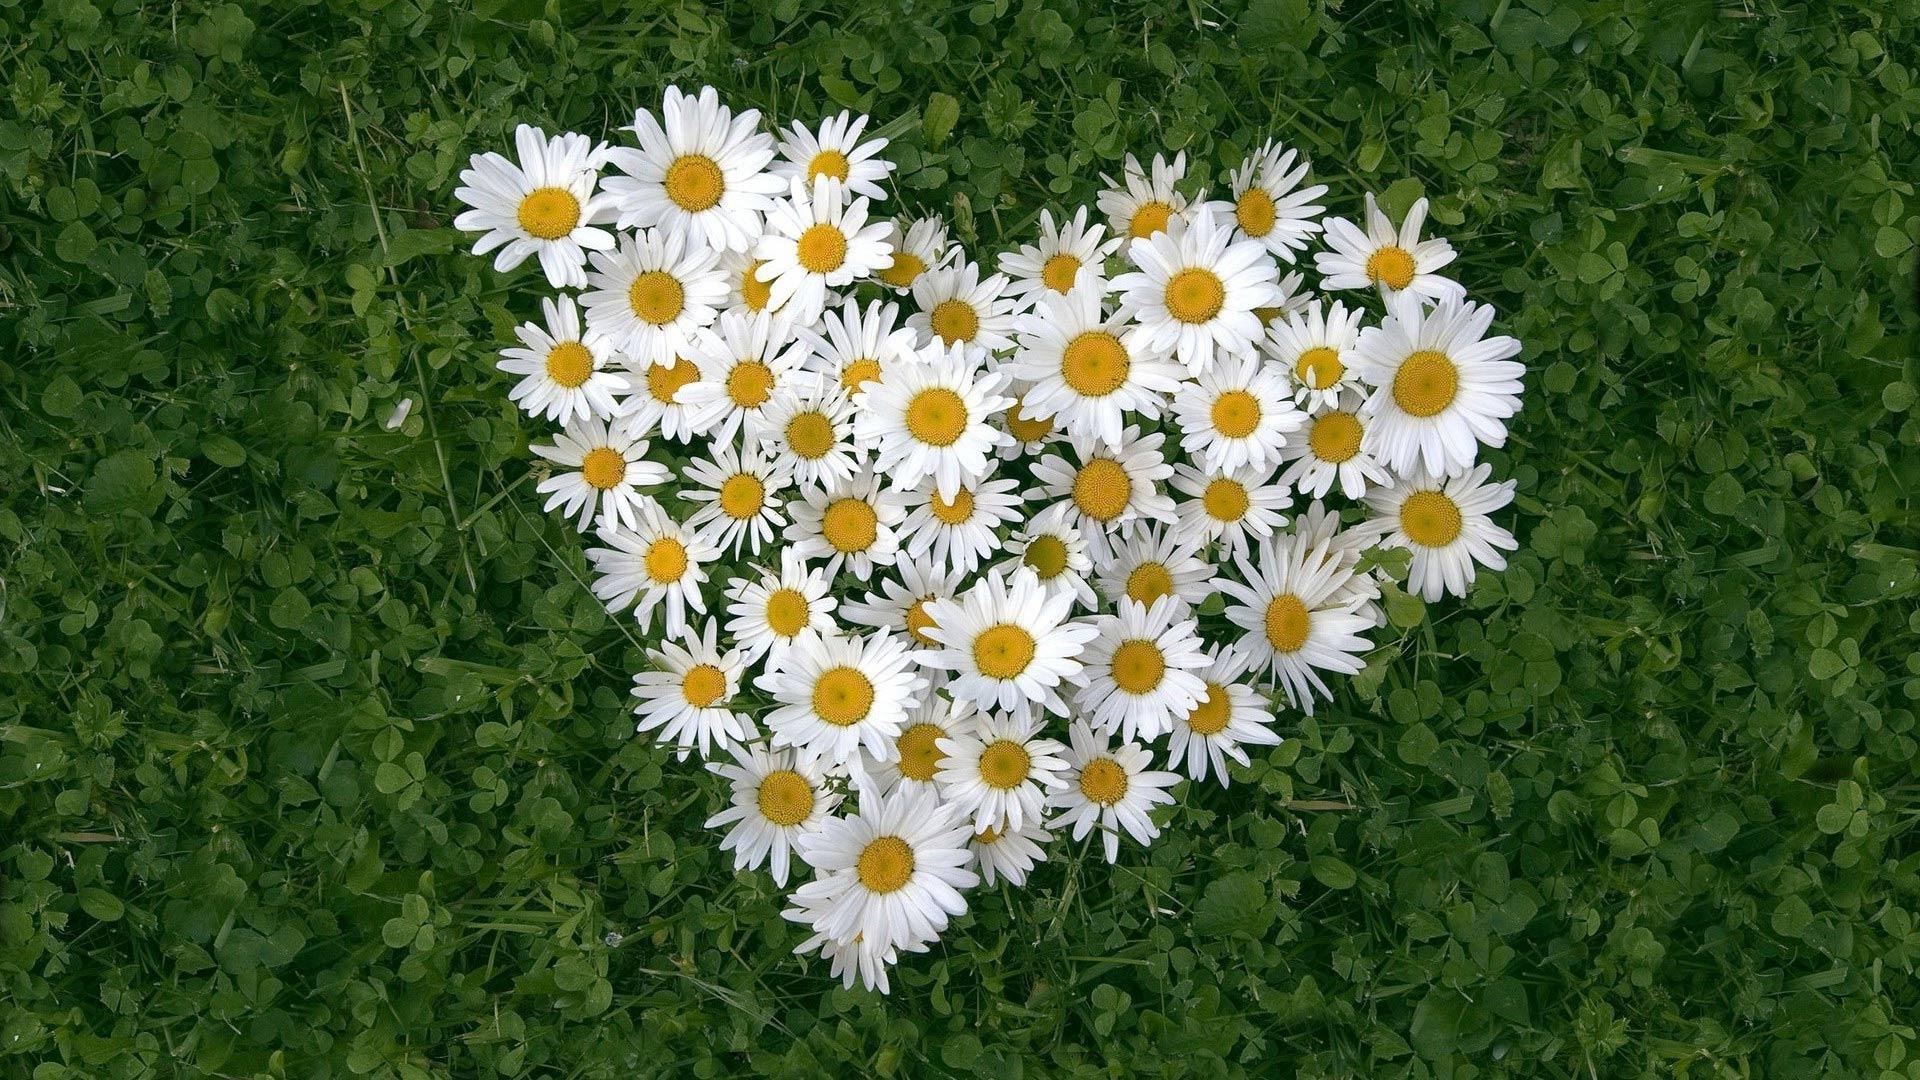 большое сердце из ромашек среди зеленой травы, скачать фото, обои для рабочего стола